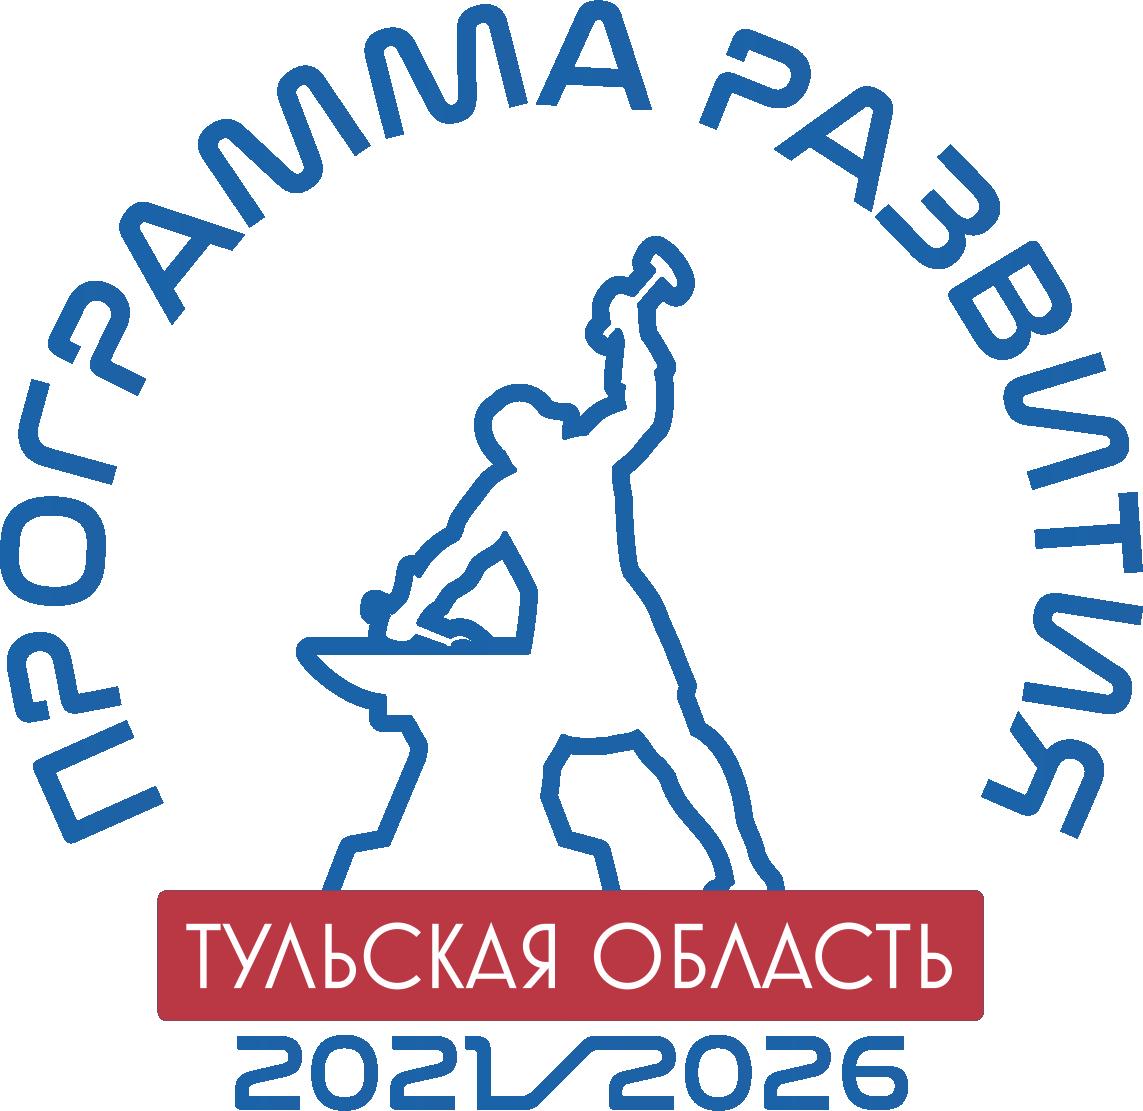 Программа развития Тульской области 2021-2026